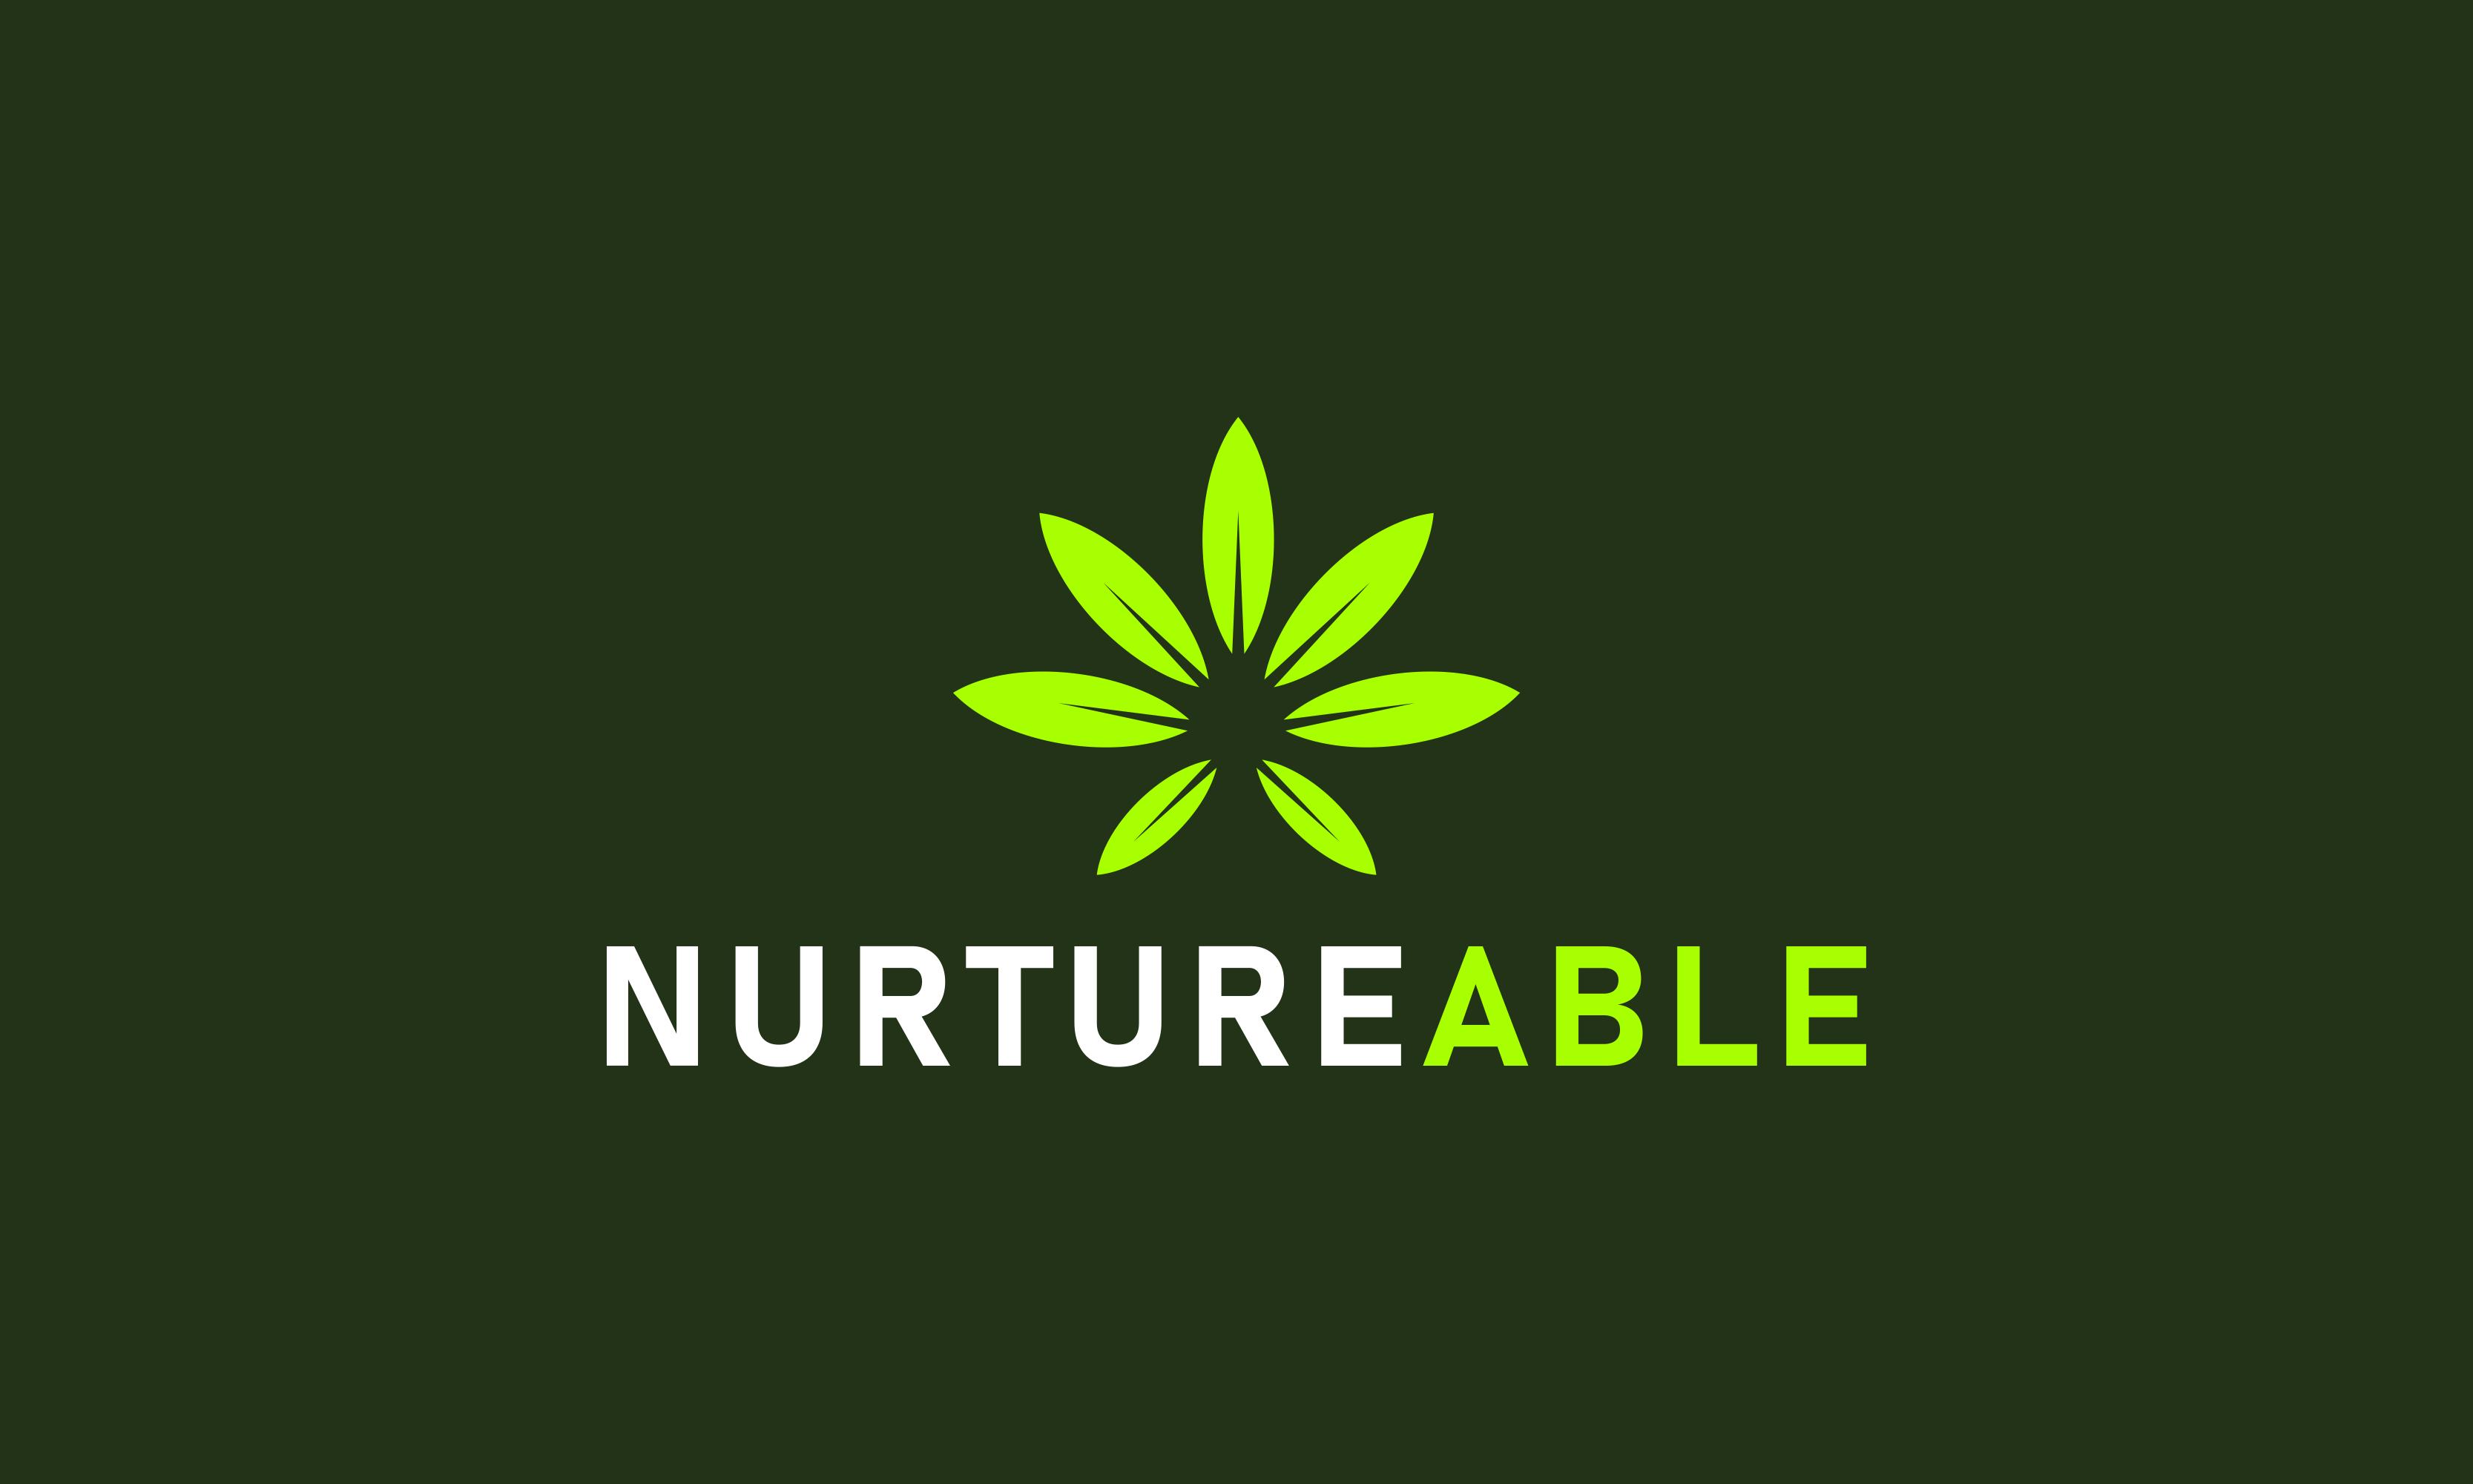 Nurtureable